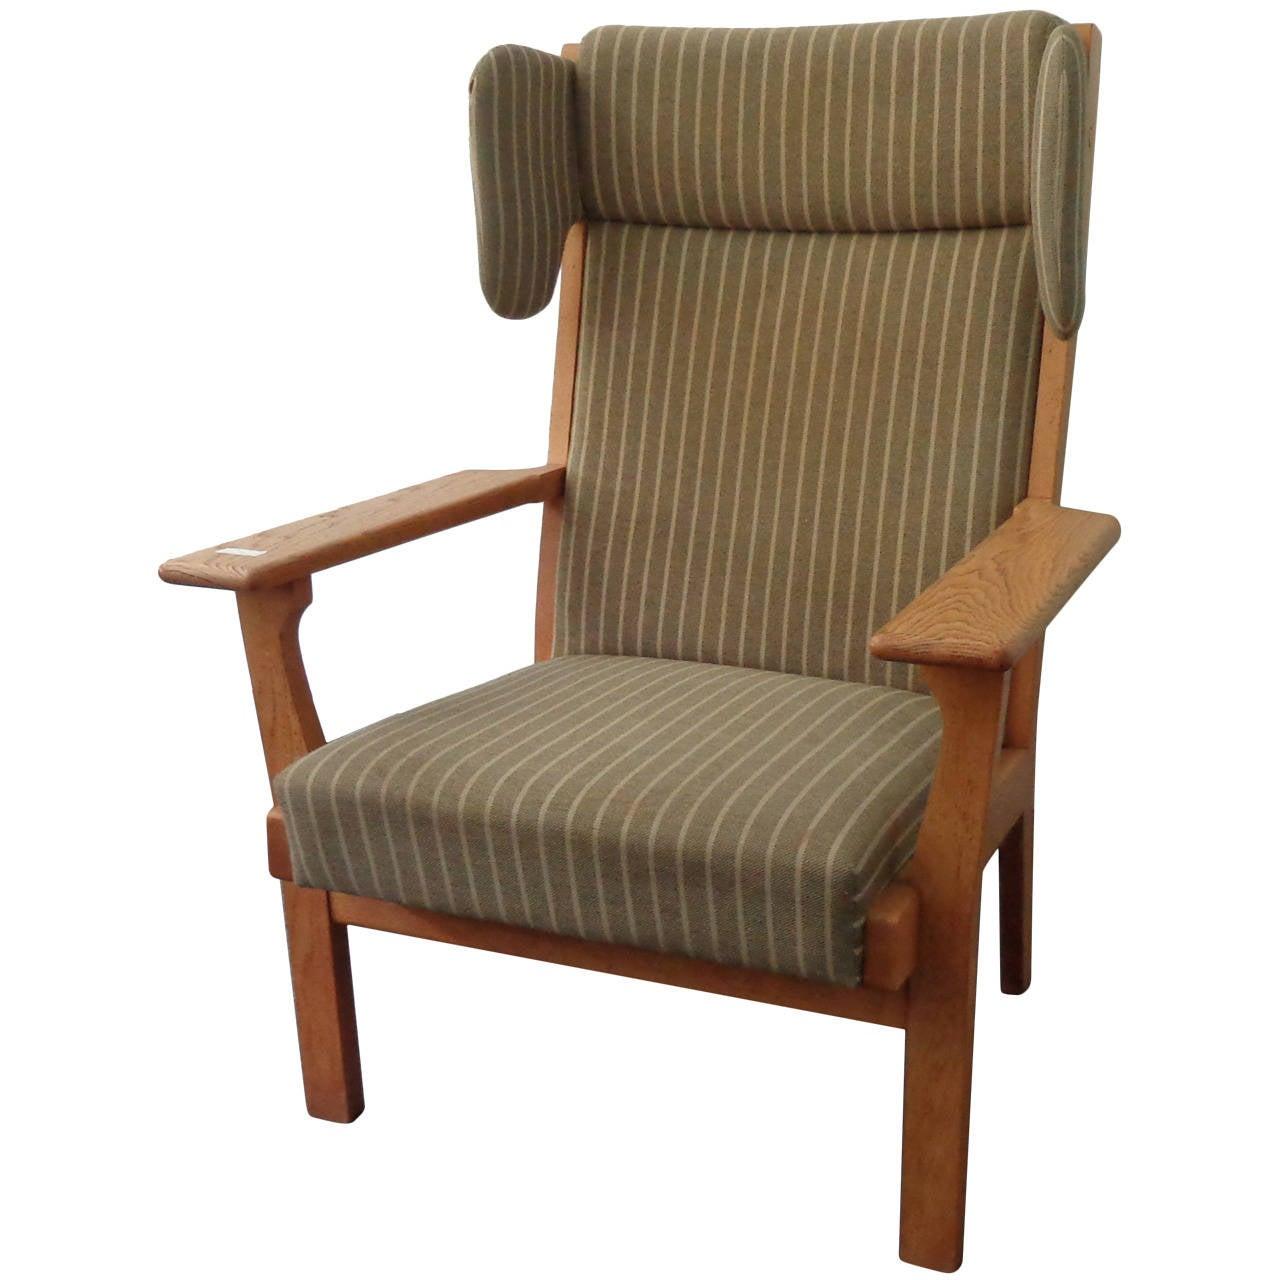 hans j wegner wing armchair ge 181 for sale at 1stdibs. Black Bedroom Furniture Sets. Home Design Ideas